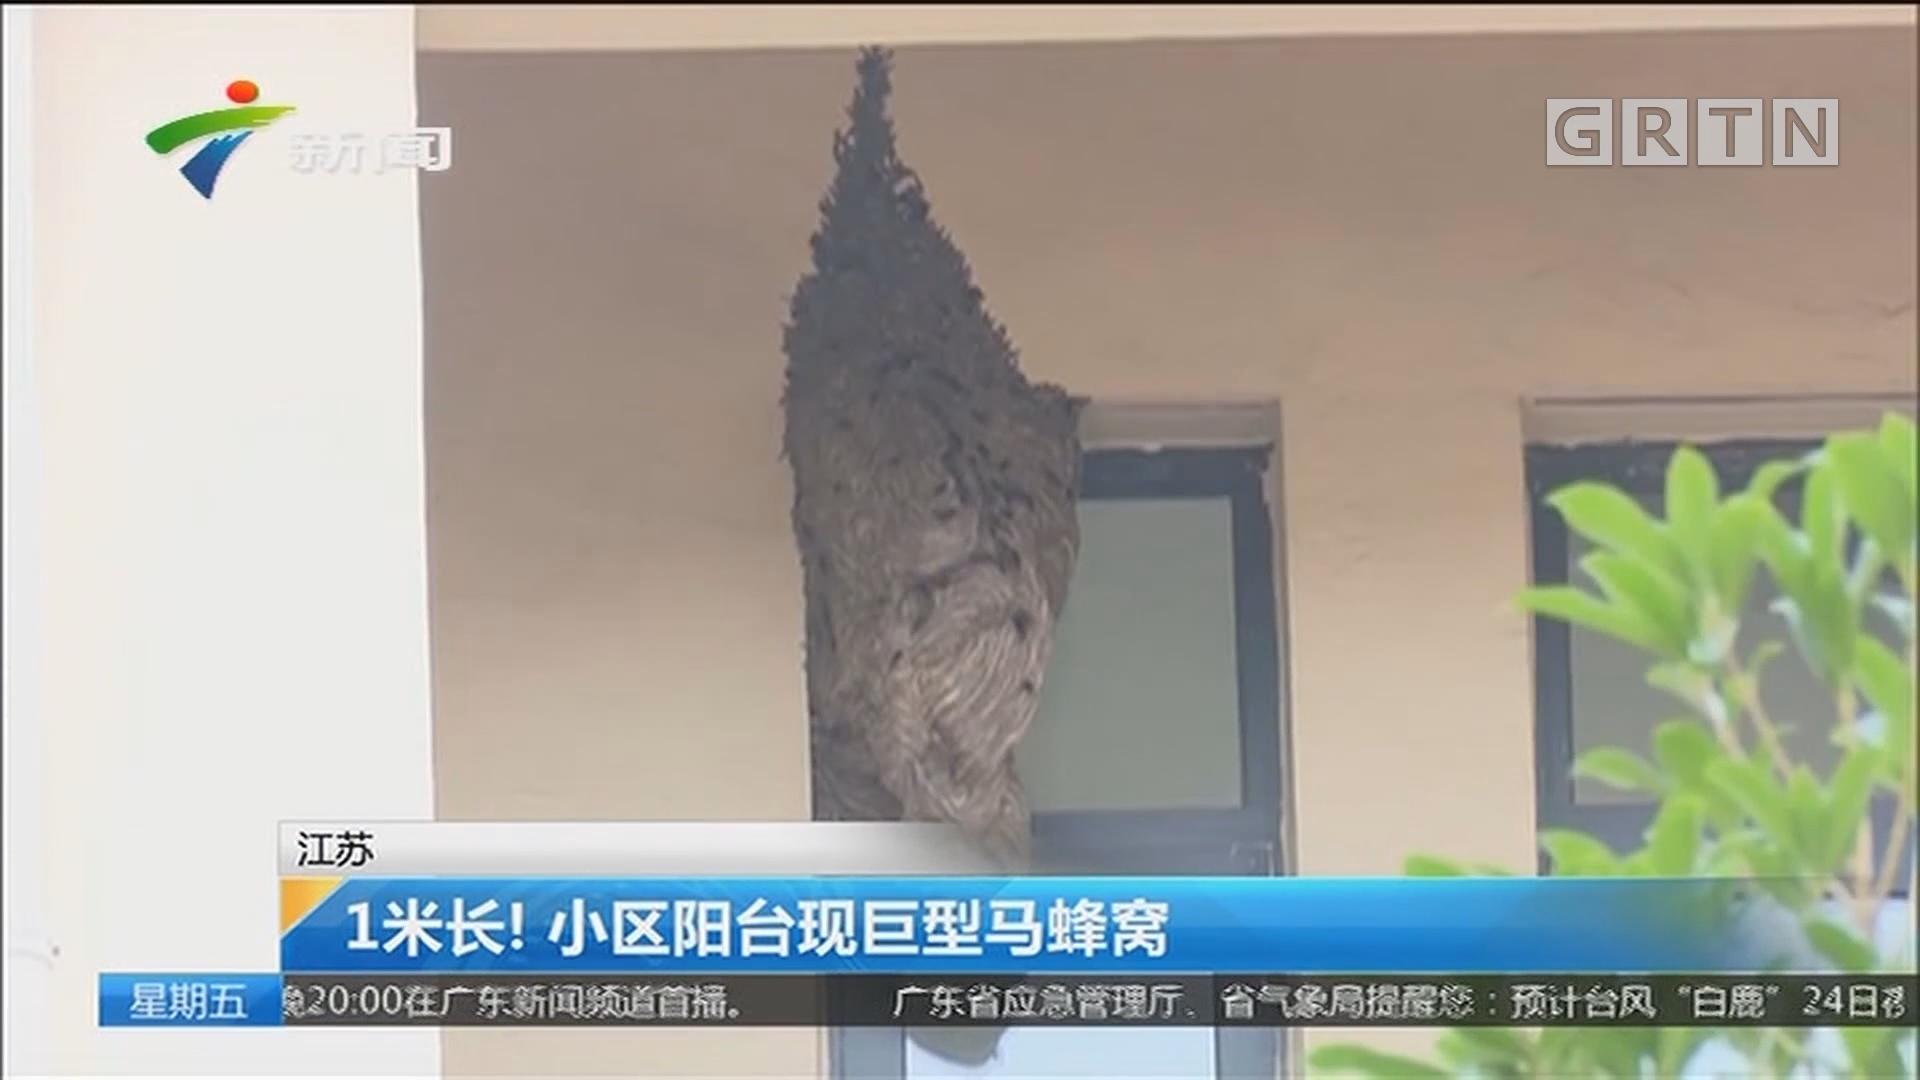 江苏:1米长!小区阳台现巨型马蜂窝